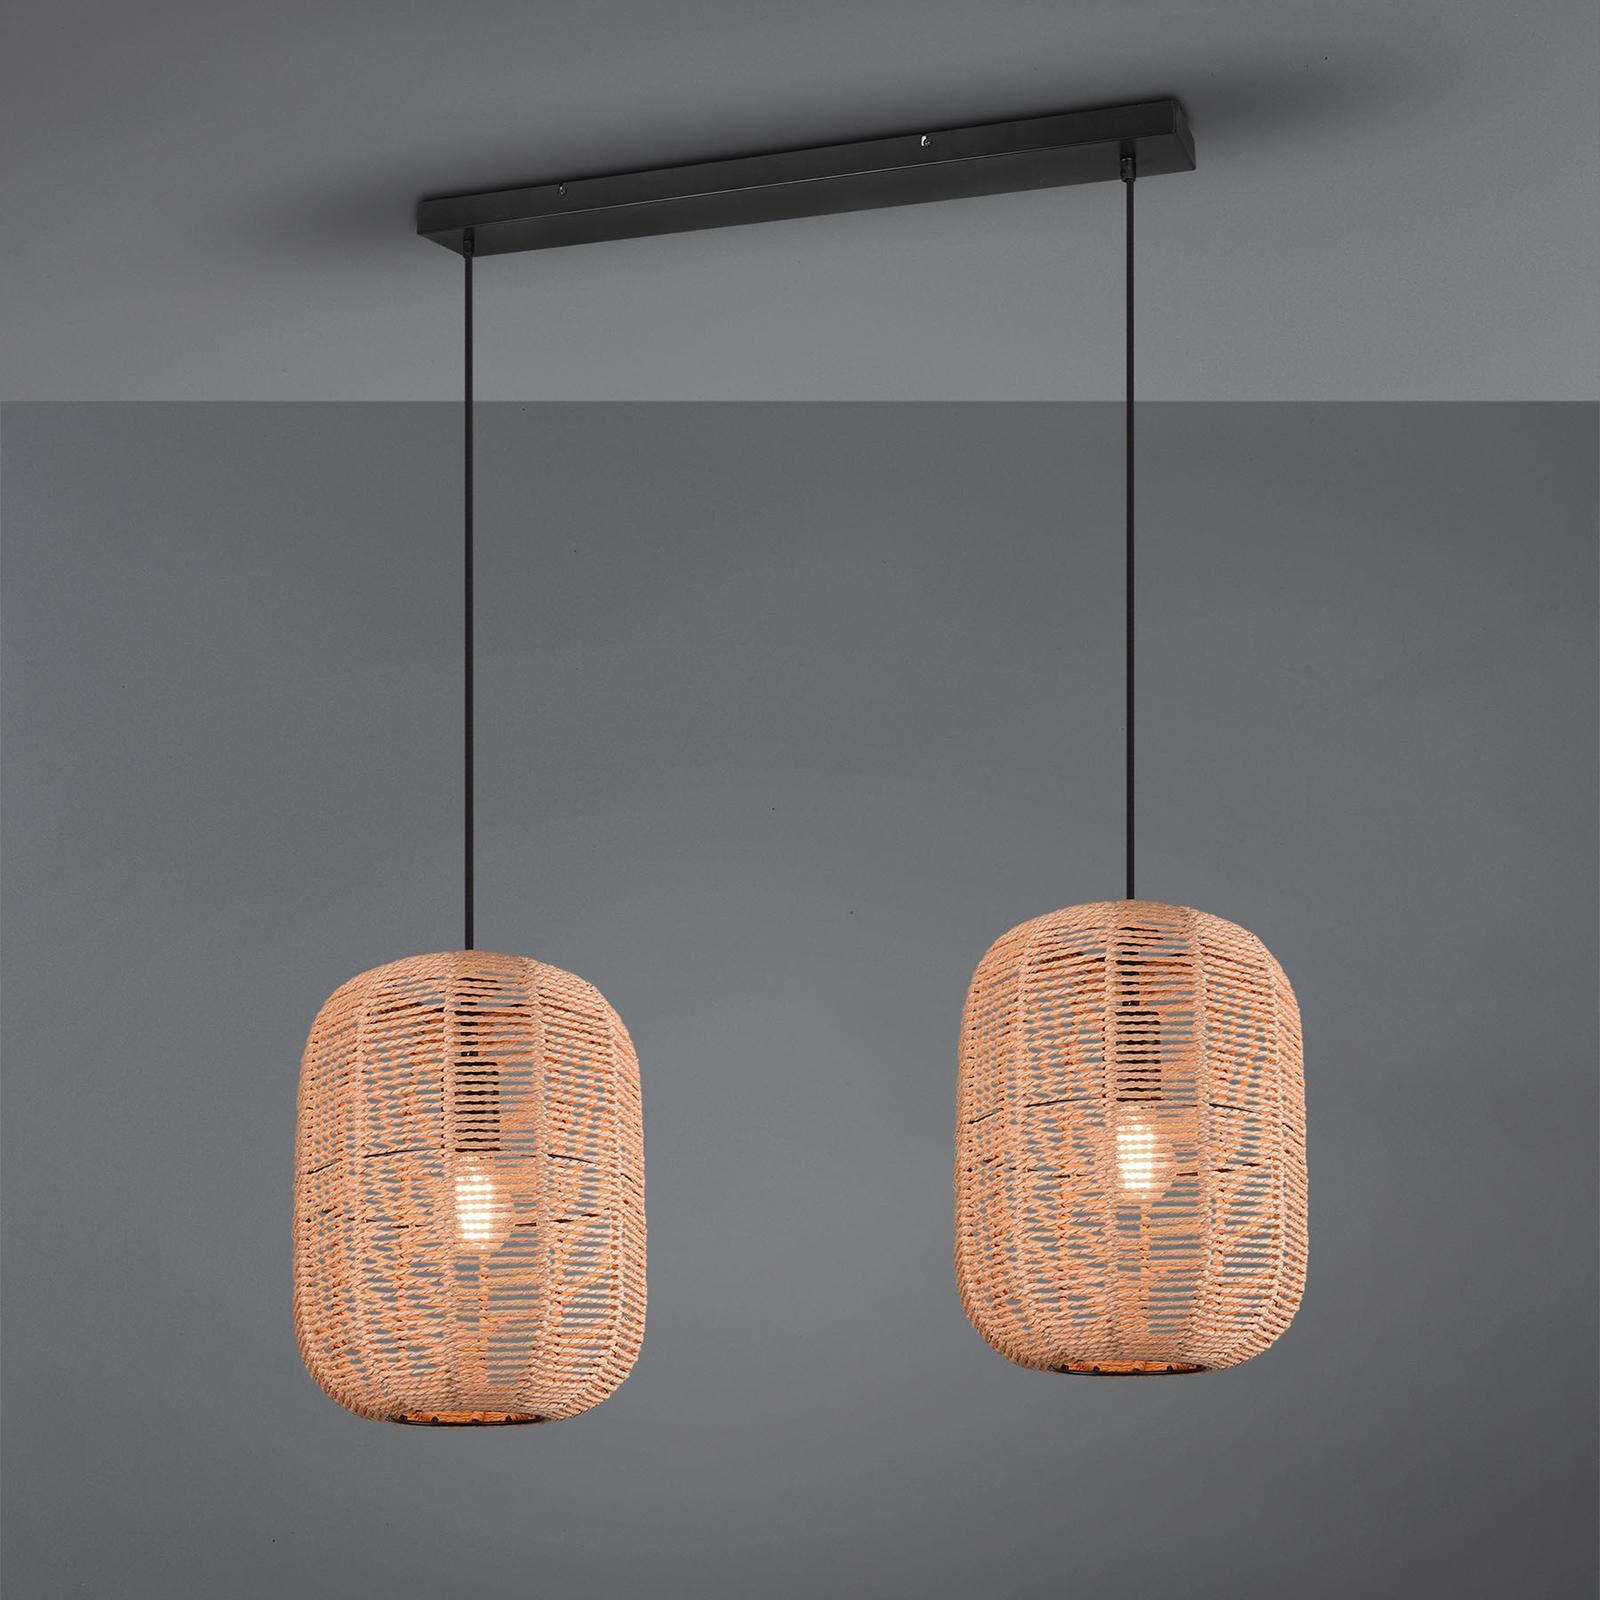 Riippuvalaisin Runa, sisalivarjostin, 2-lamppuinen